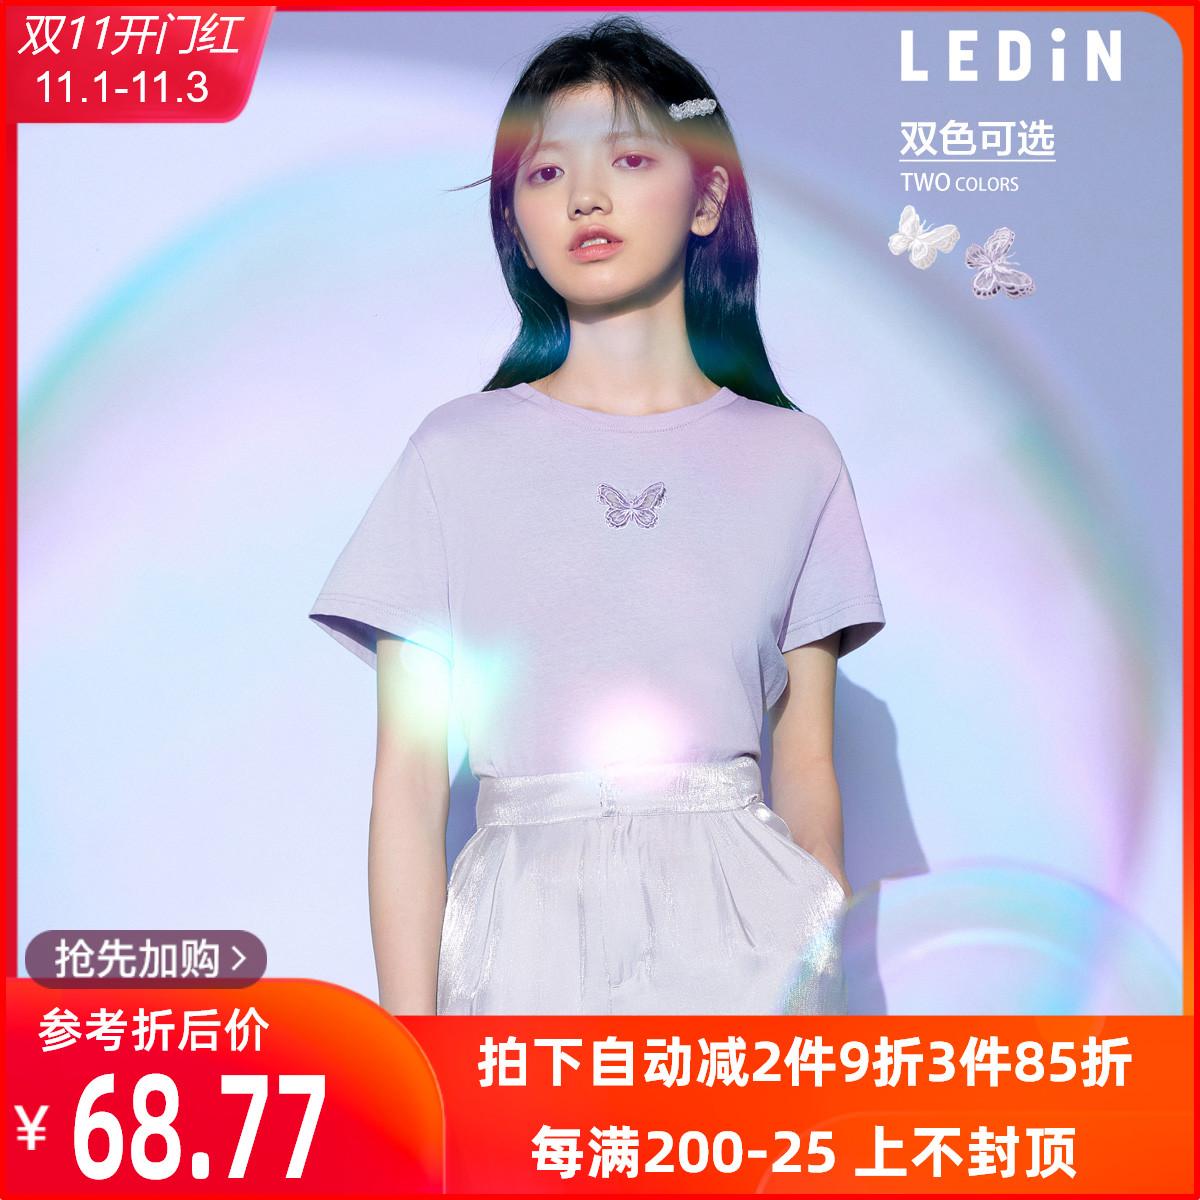 【新品】乐町蝴蝶刺绣T恤2020秋季新款双色短袖t恤女宽松小个子